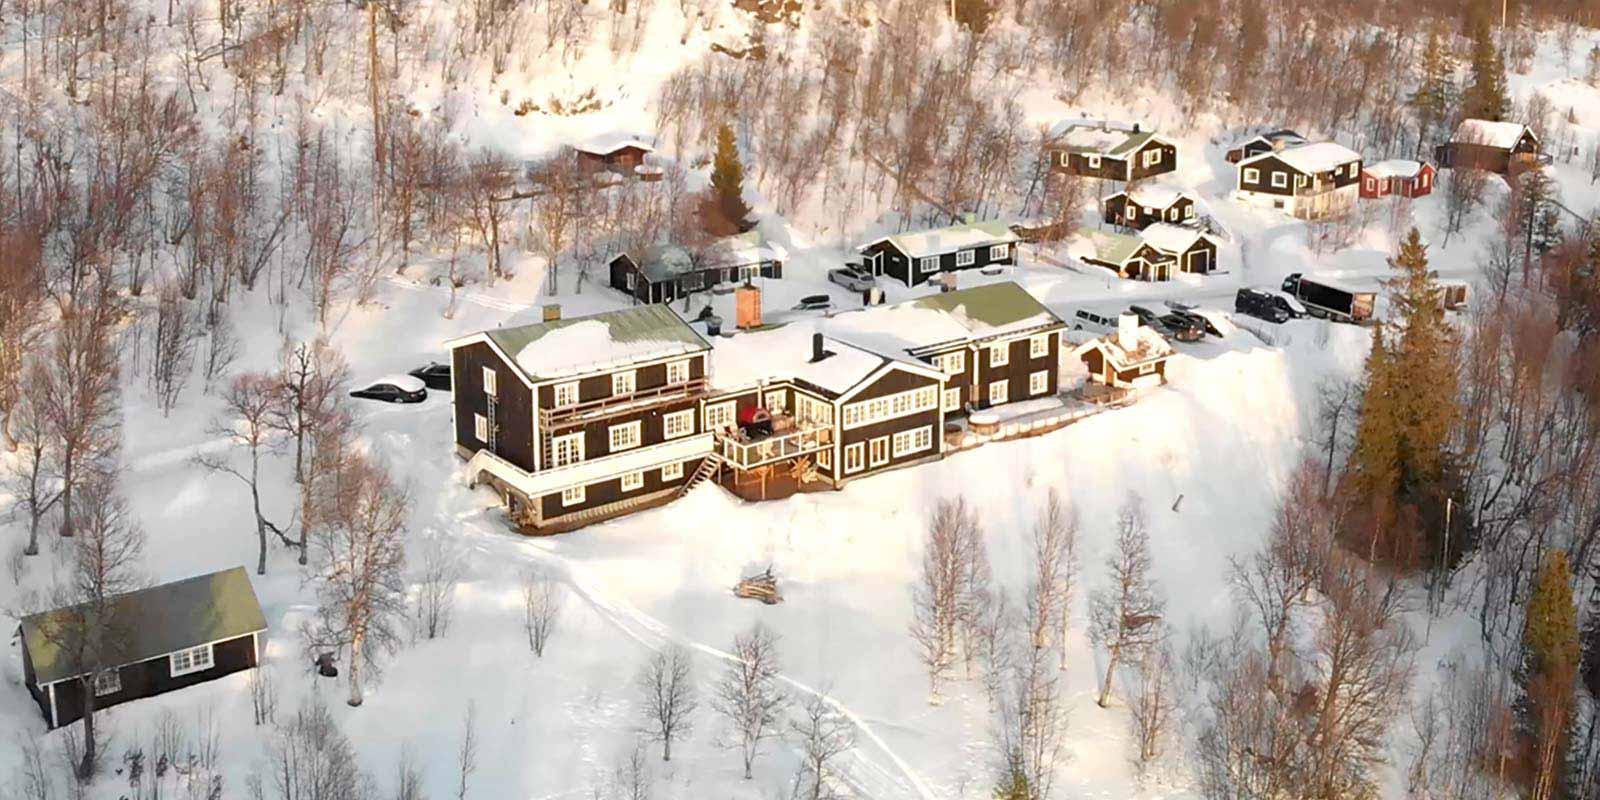 skarvruet hotel tänndalen funäsdalen funäsjällen härjedalen jämtland winter snow nature